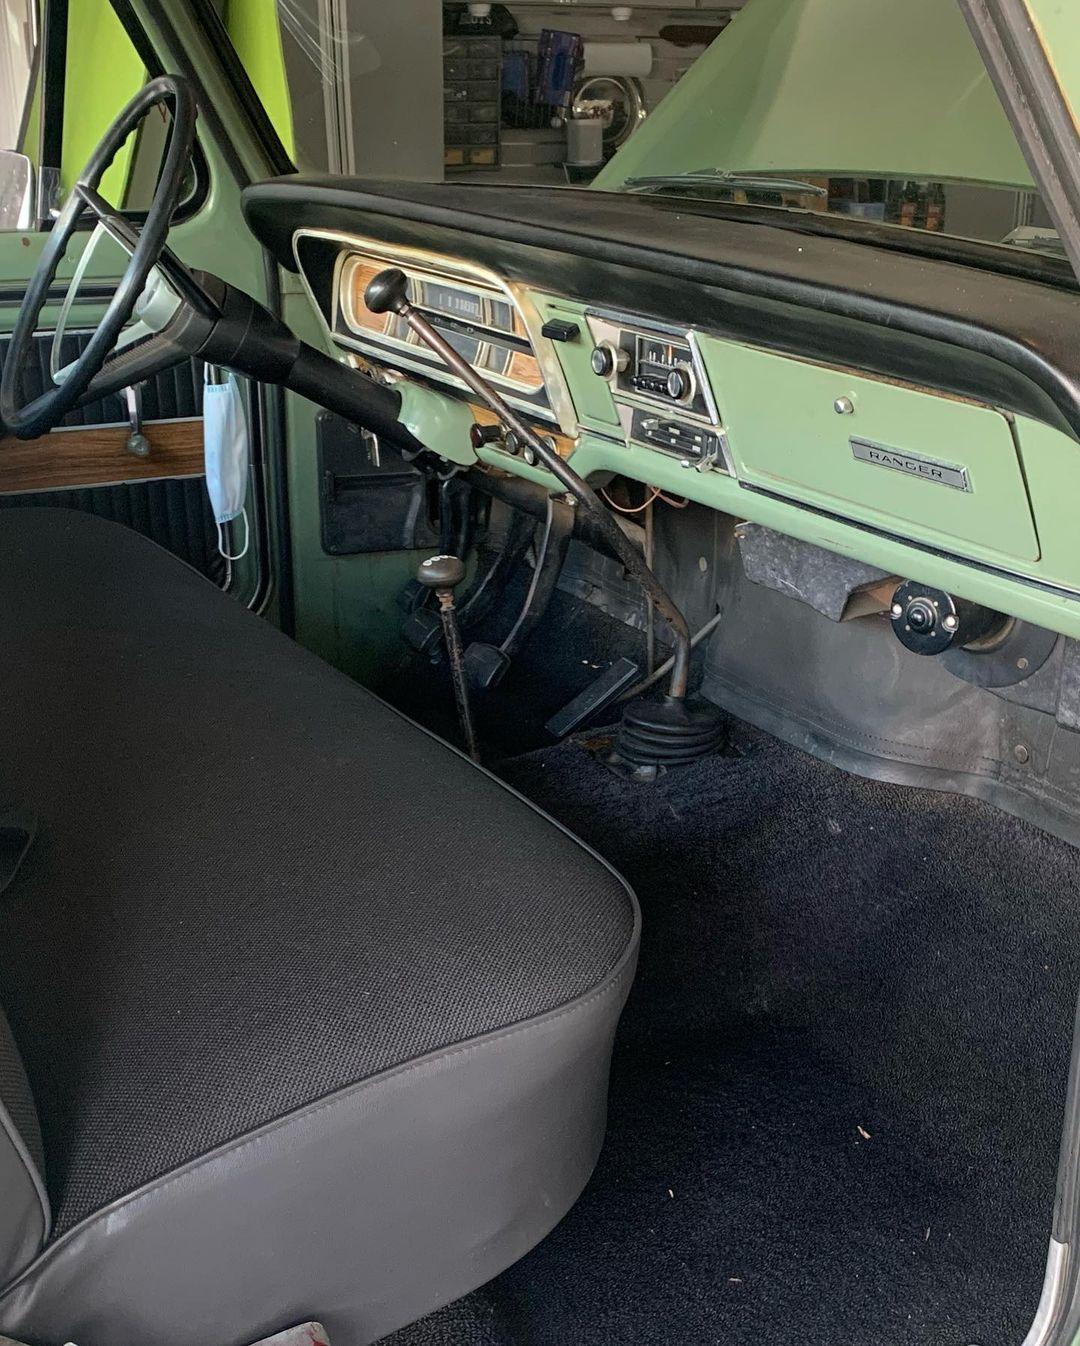 1969 Ford F250 Ranger 360FE 4x4 - For Sale 7.jpg